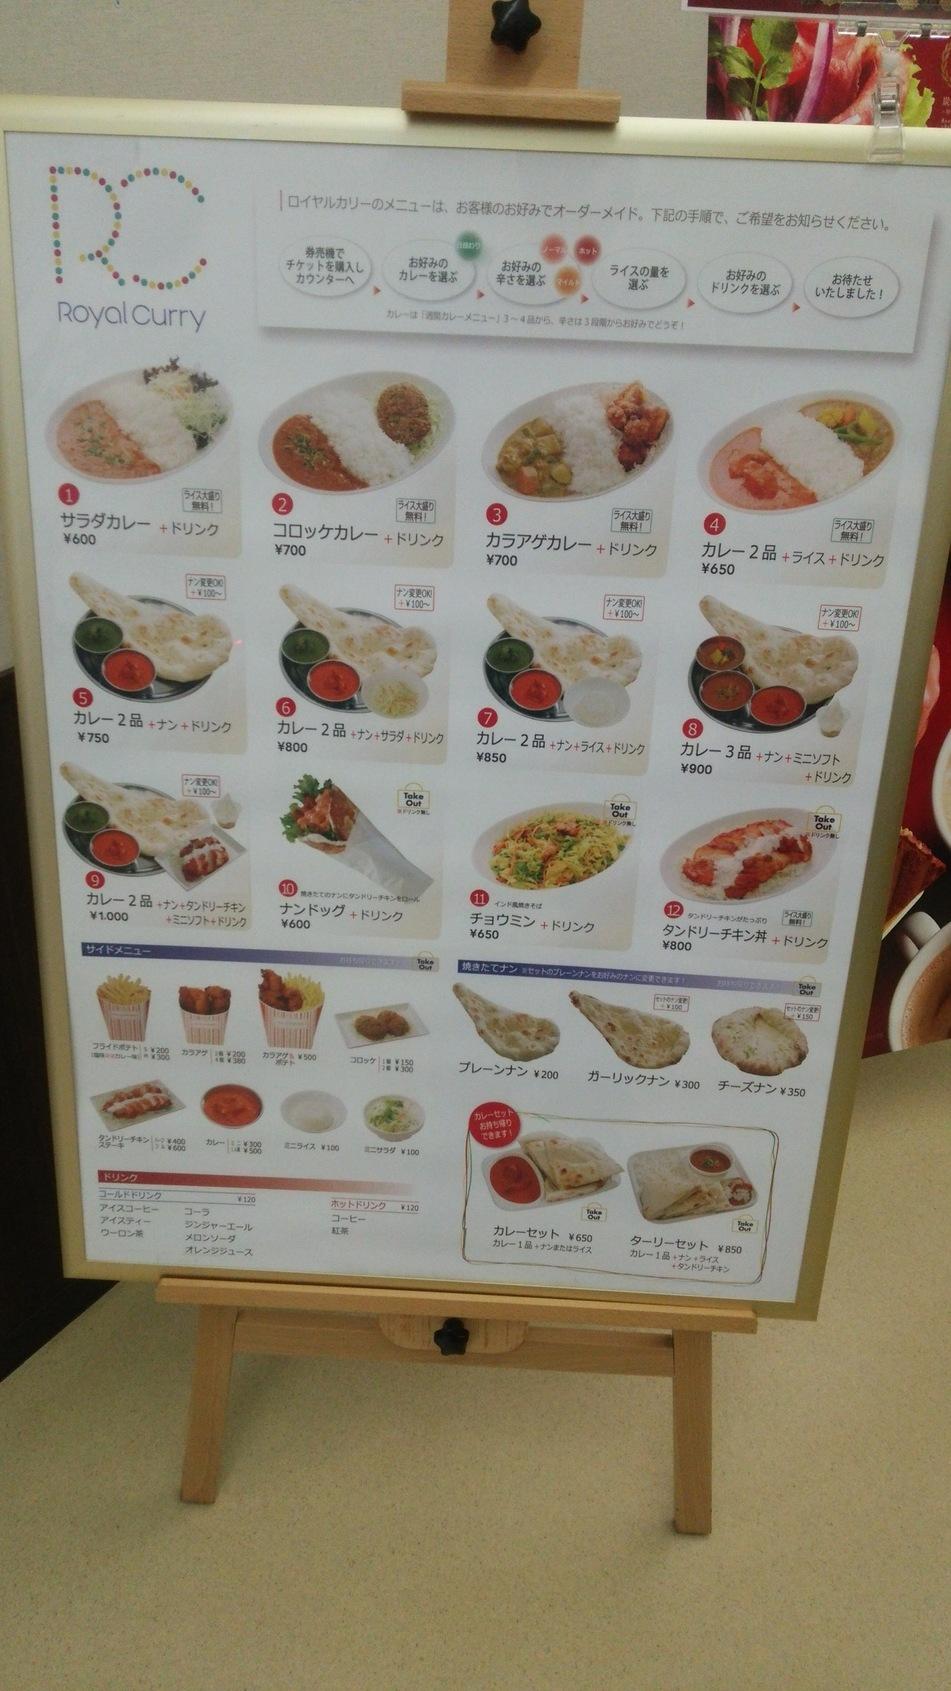 ロイヤルカリー 春日部店